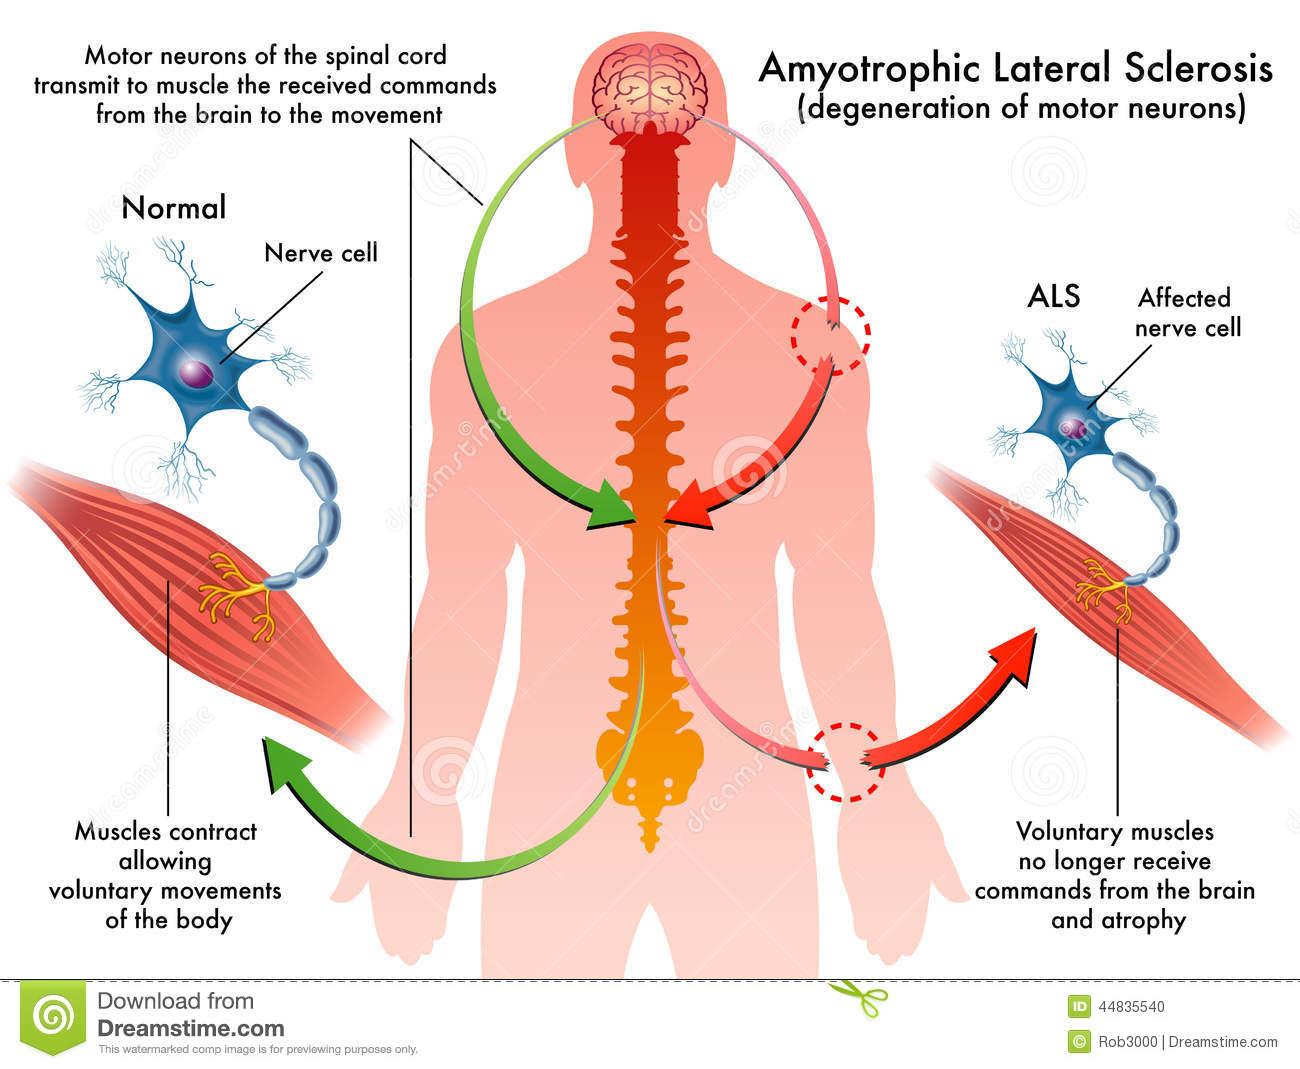 آميوتروفيك لاترال اسكلروز: Amyotrophic lateral sclerosis (ALS شرح بیماری,پیشگیری و ...